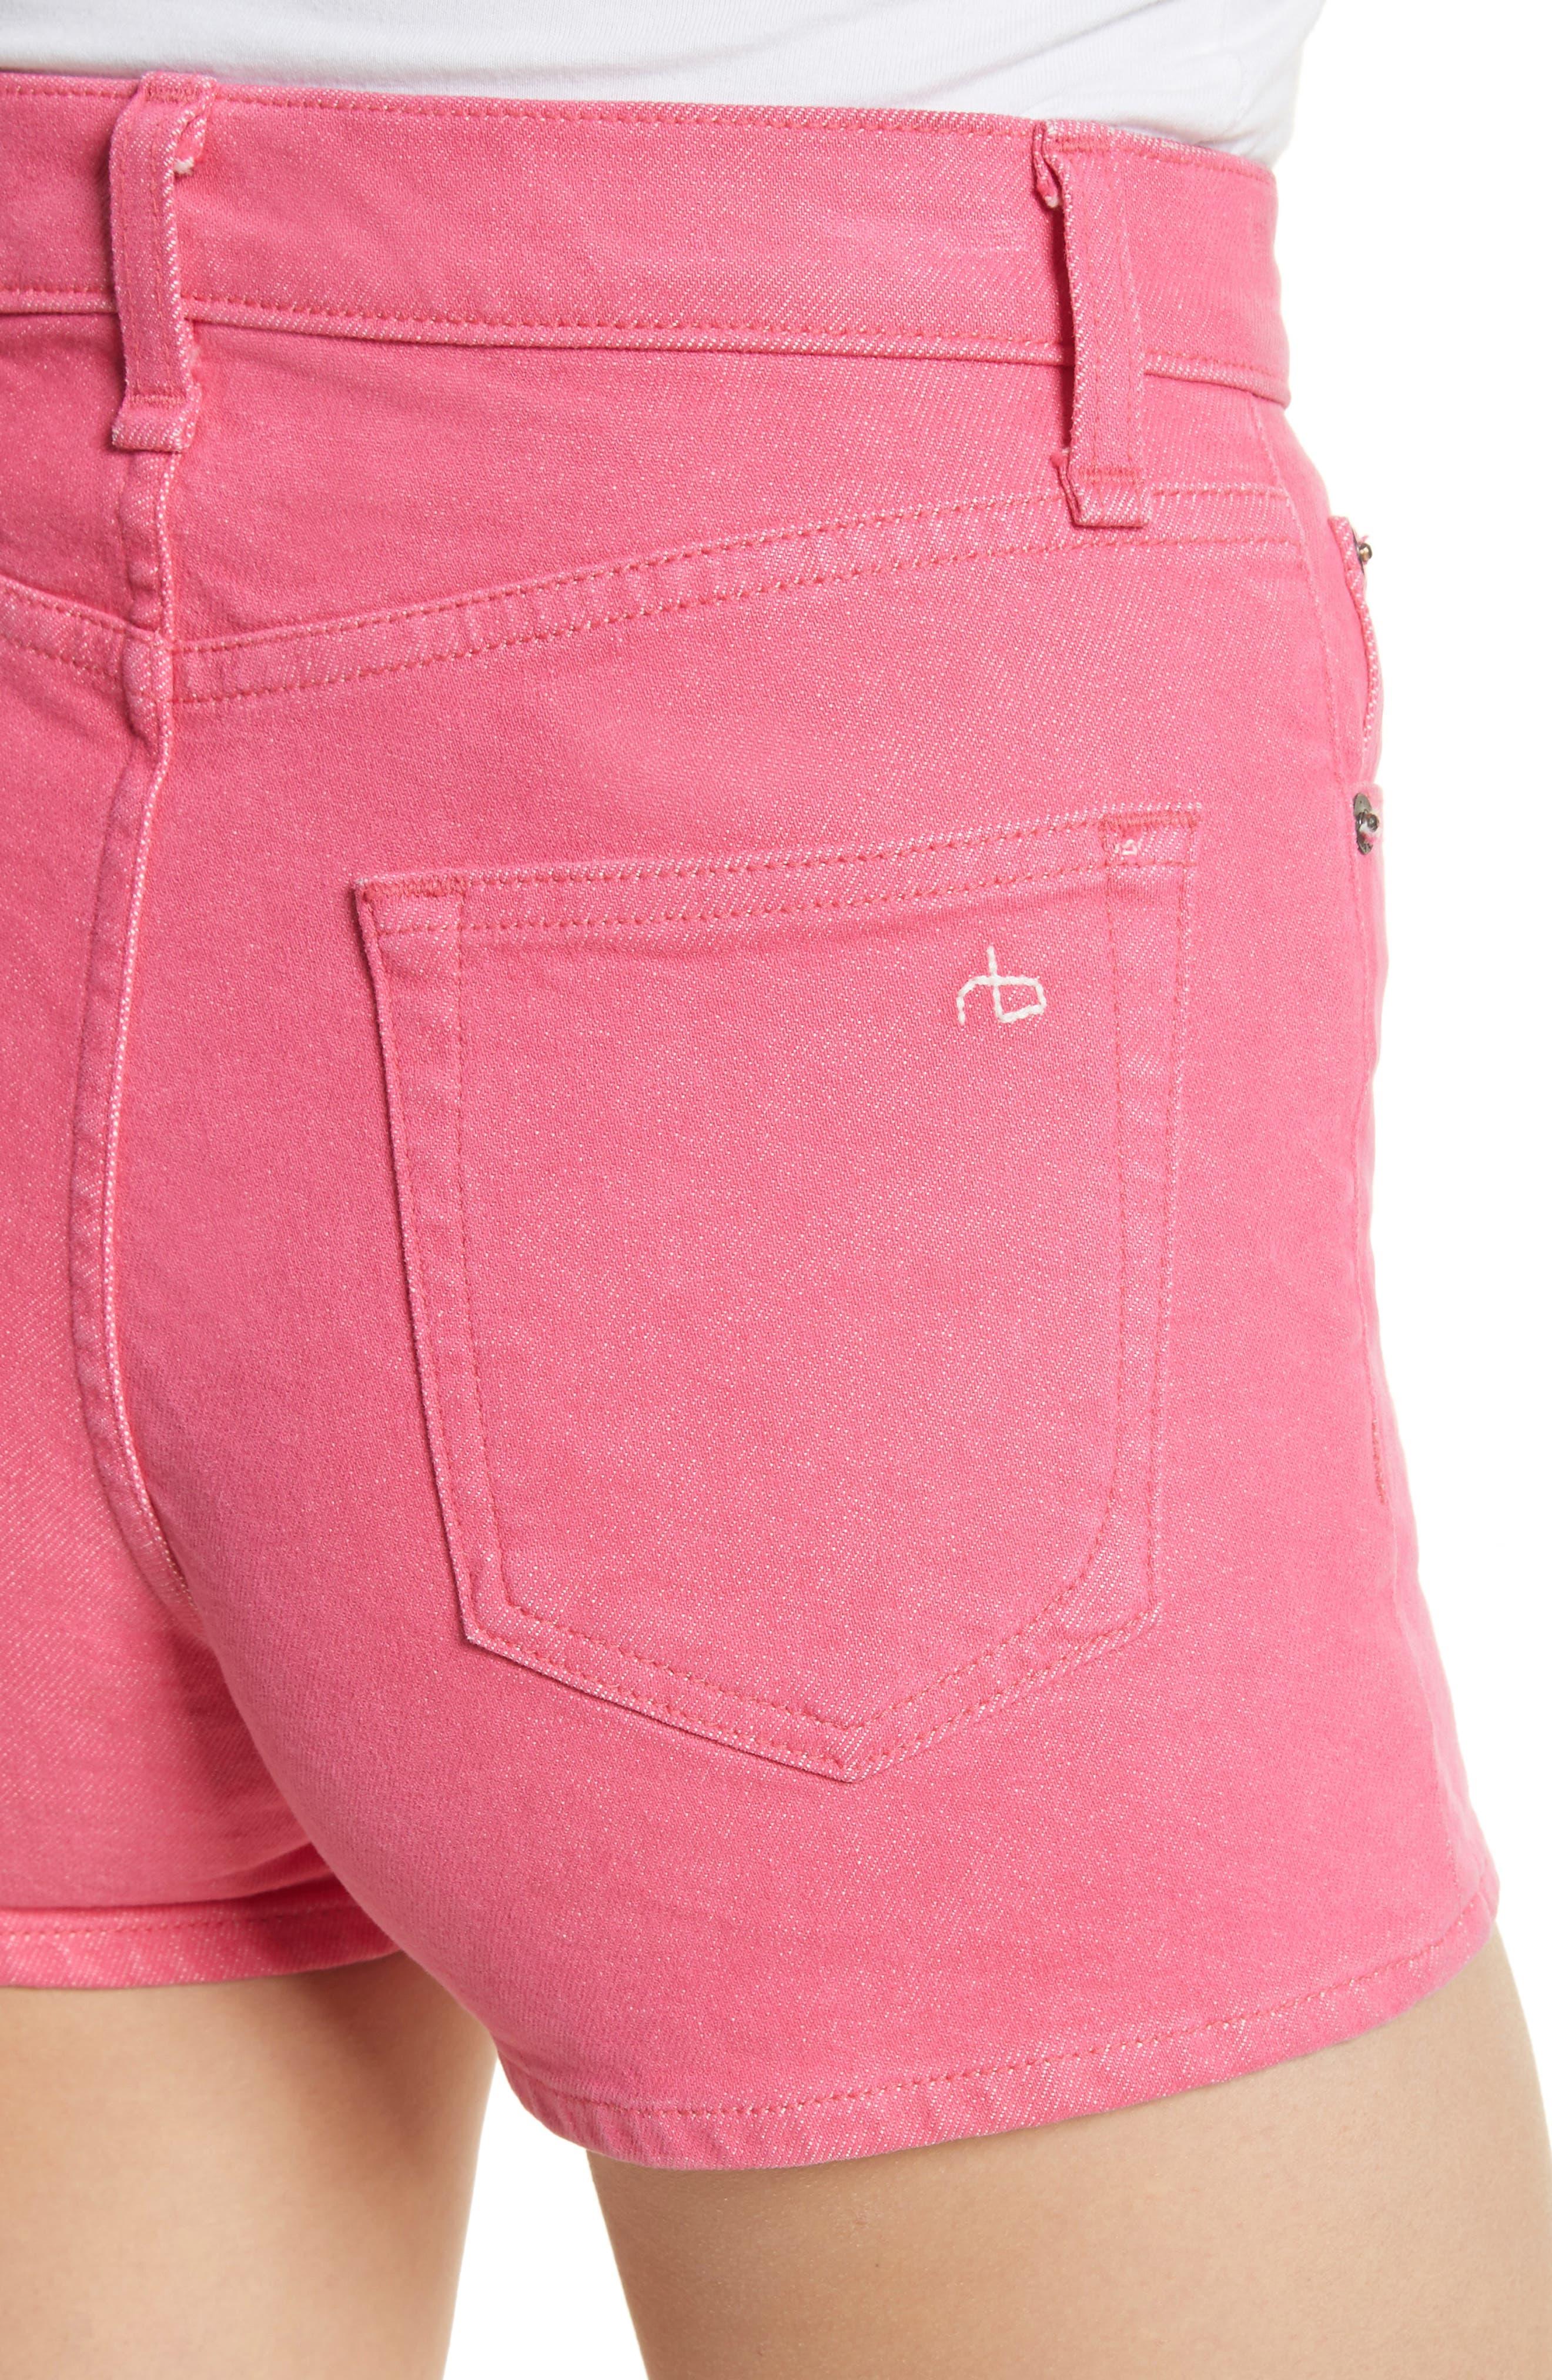 Justine High Waist Denim Shorts,                             Alternate thumbnail 4, color,                             672